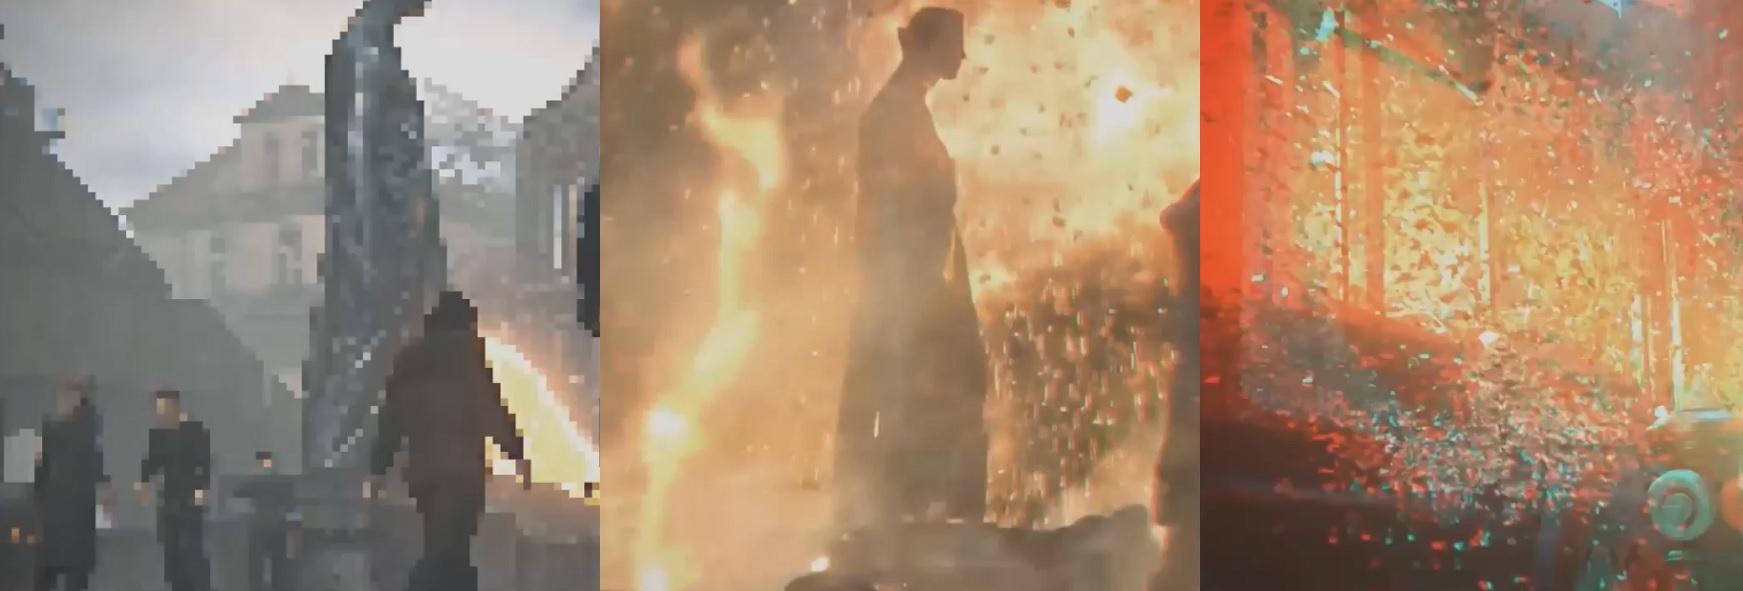 Tak už to máme černé na bílém - Deus Ex: Mankind Divided konečně oznámen 107689